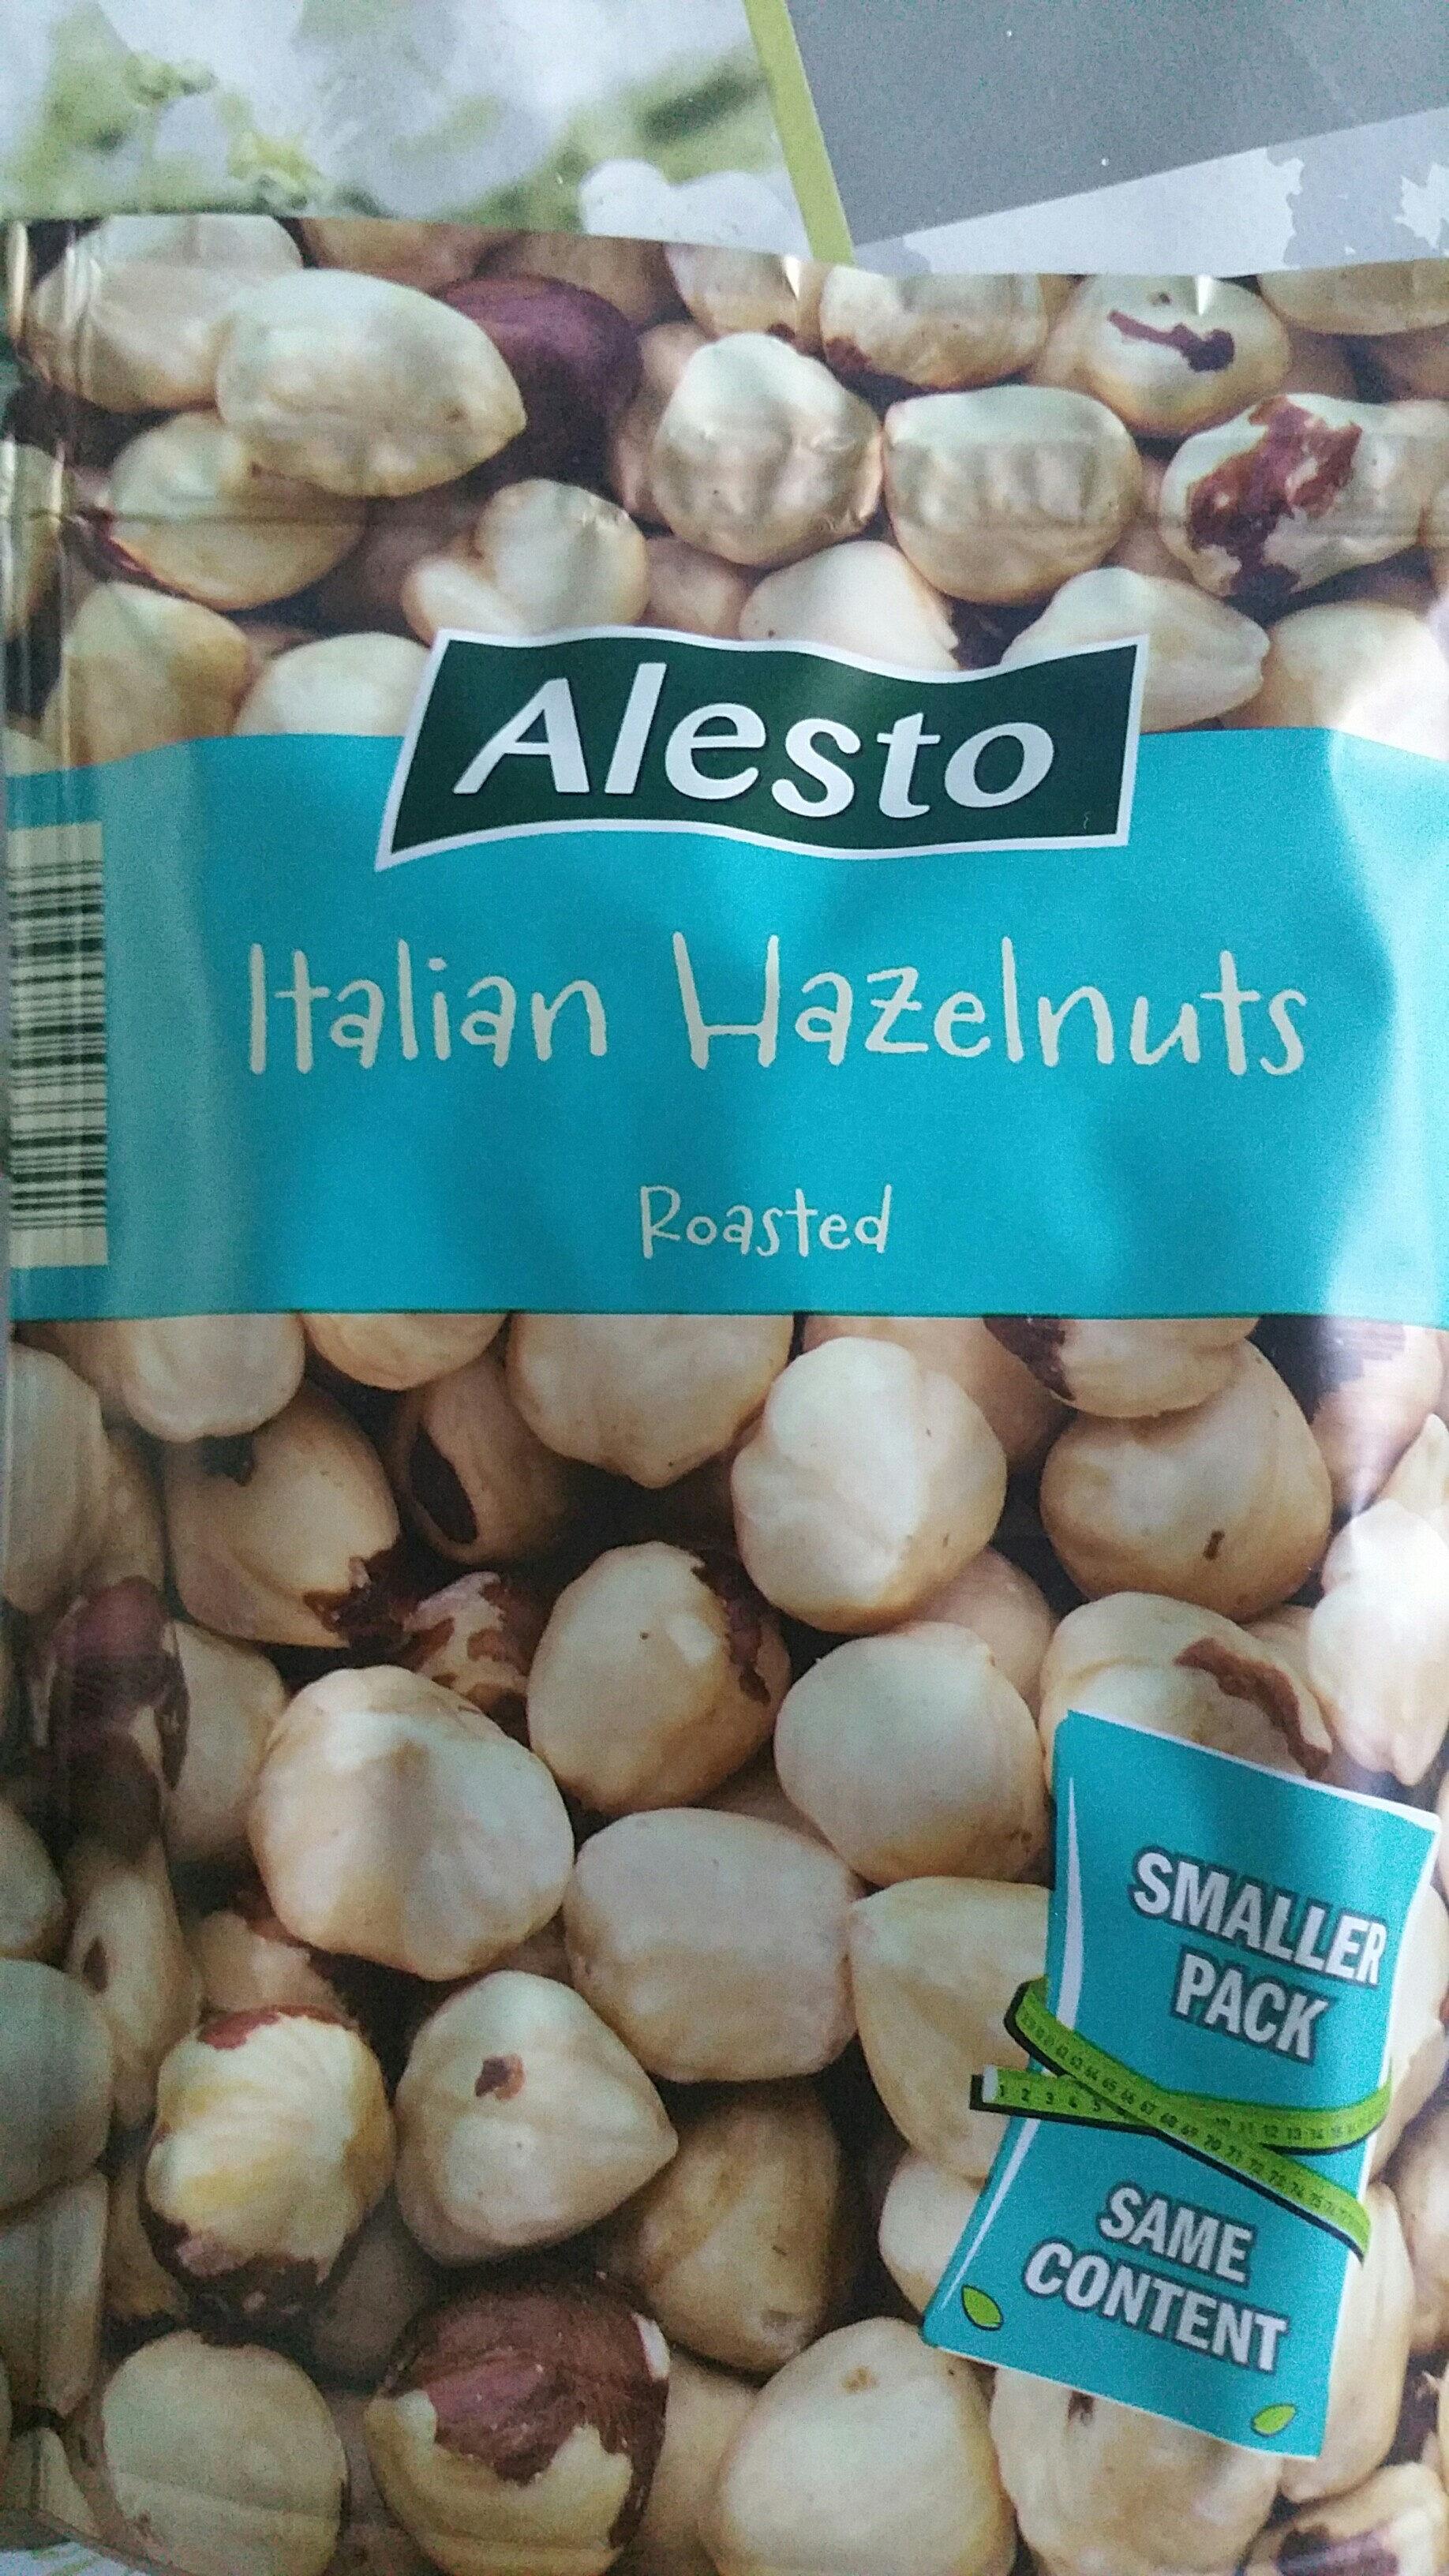 Italian hazelnuts - Product - fr